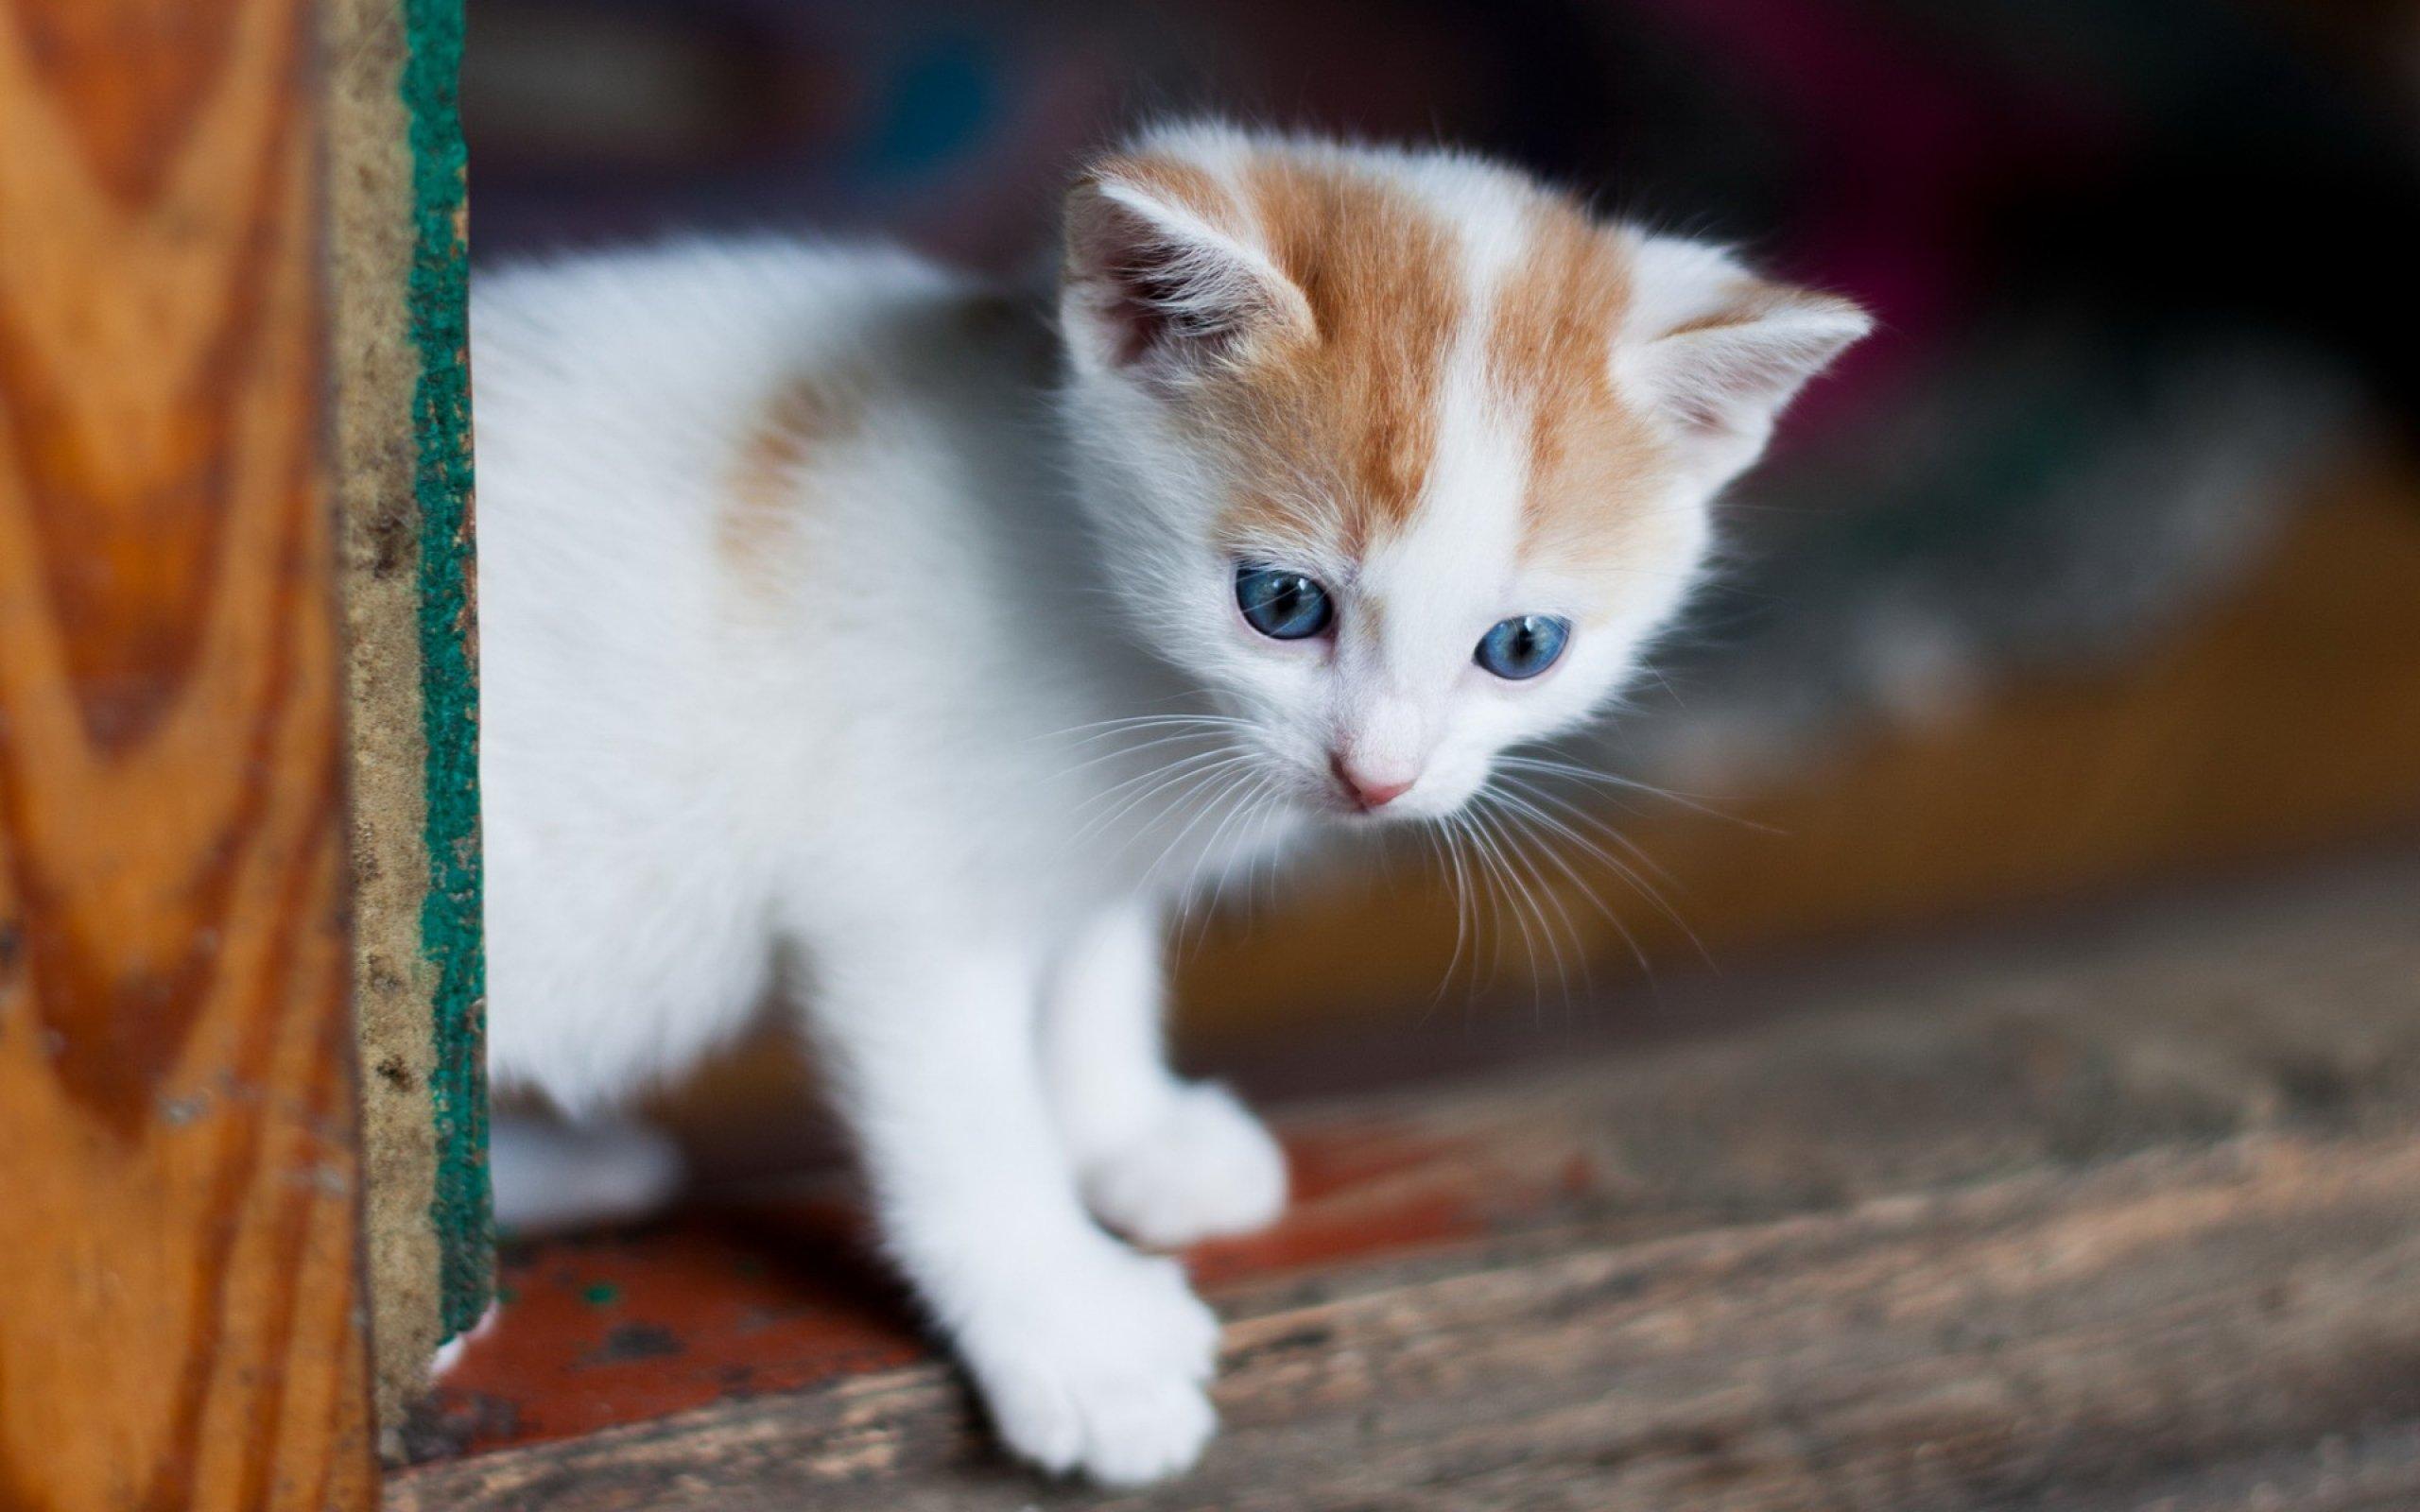 Kittens kitten cat cats baby cute s wallpaper | 2560x1600 ...